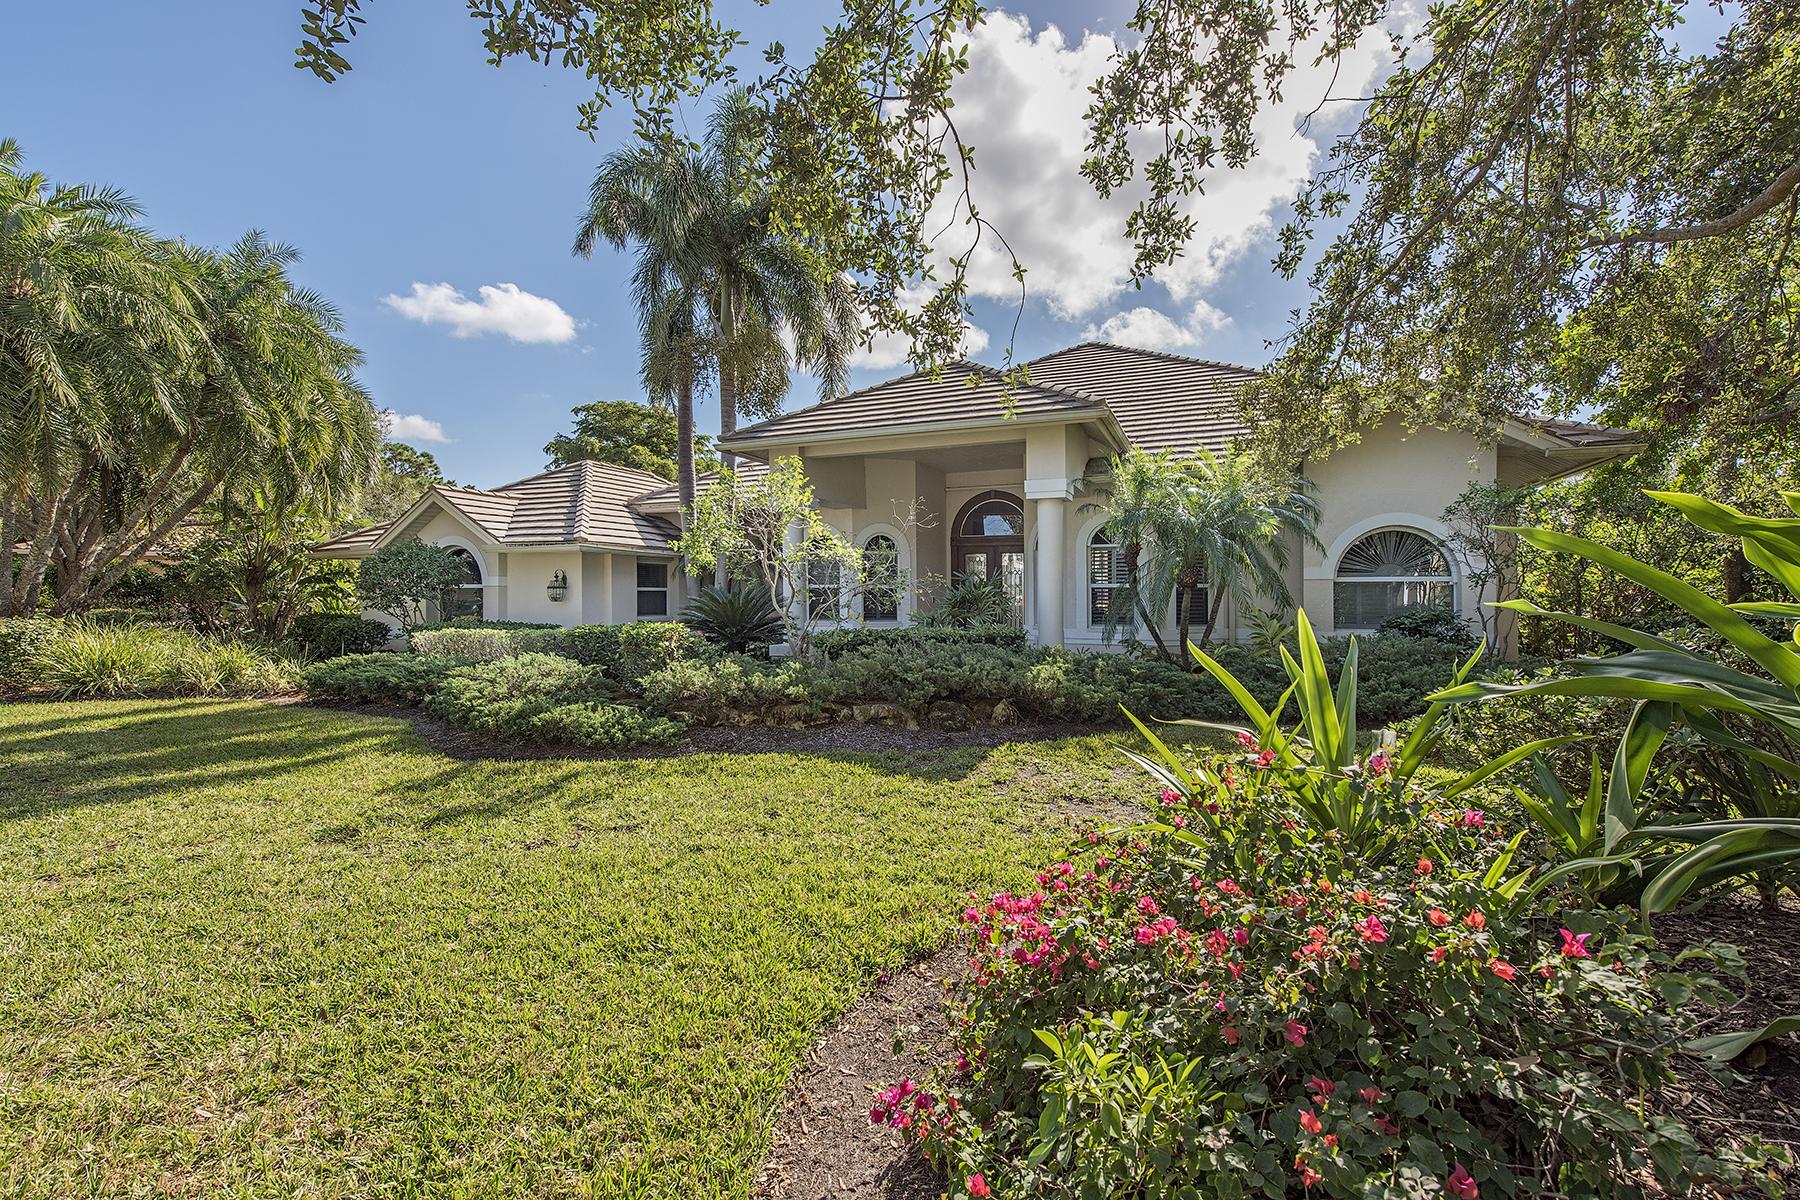 独户住宅 为 出租 在 3609 Glenwater Ln , Bonita Springs, FL 34134 3609 Glenwater Ln, 博尼塔温泉, 佛罗里达州, 34134 美国